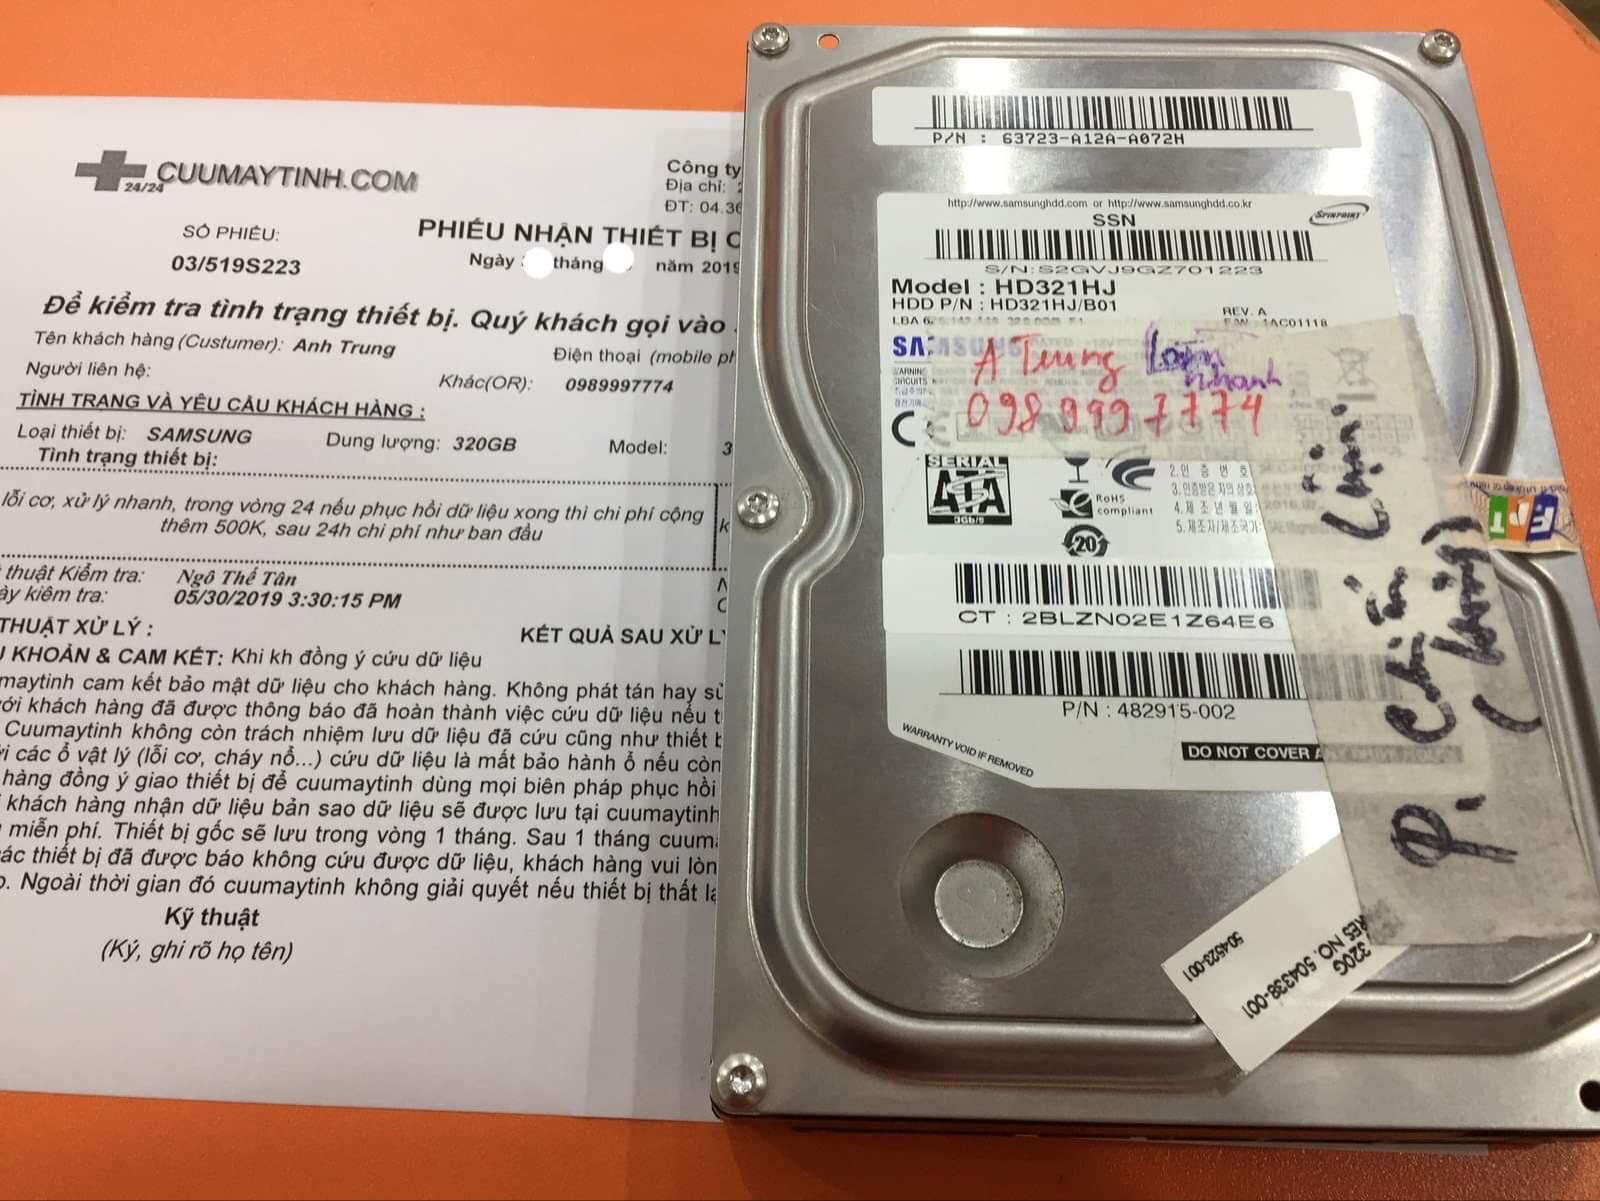 Phục hồi dữ liệu ổ cứng Samsung 320GB lỗi cơ 07/06/2019 - cuumaytinh